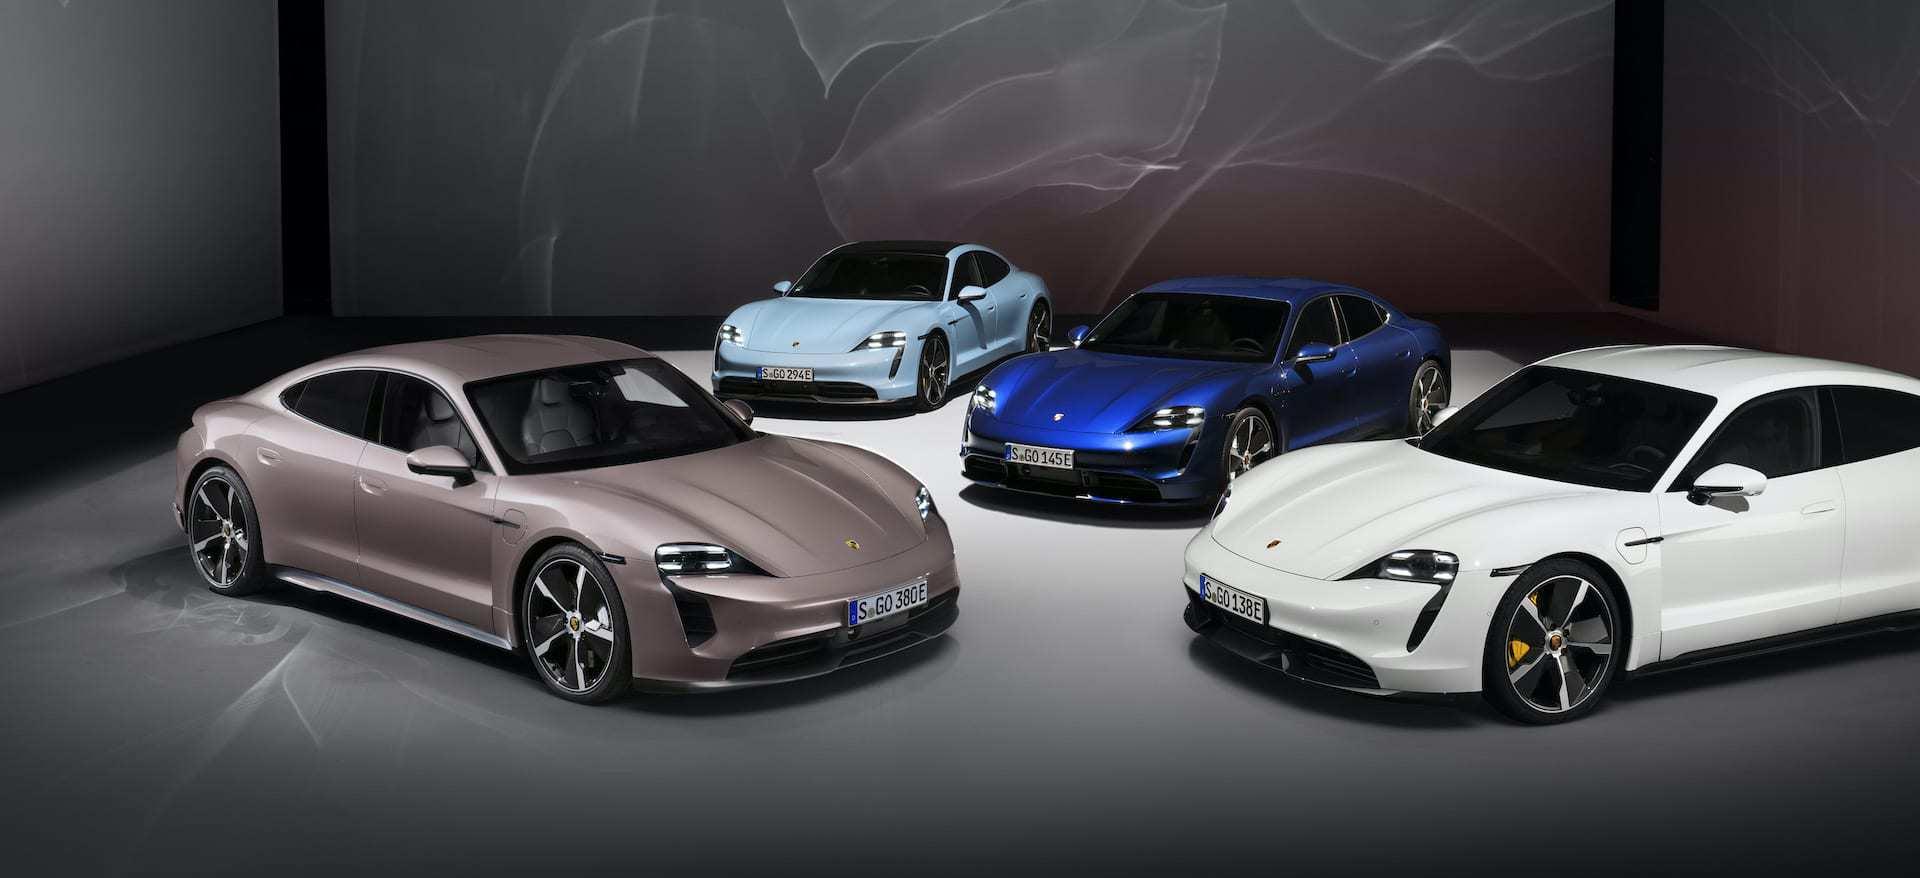 Porsche-Taycan-Modelle